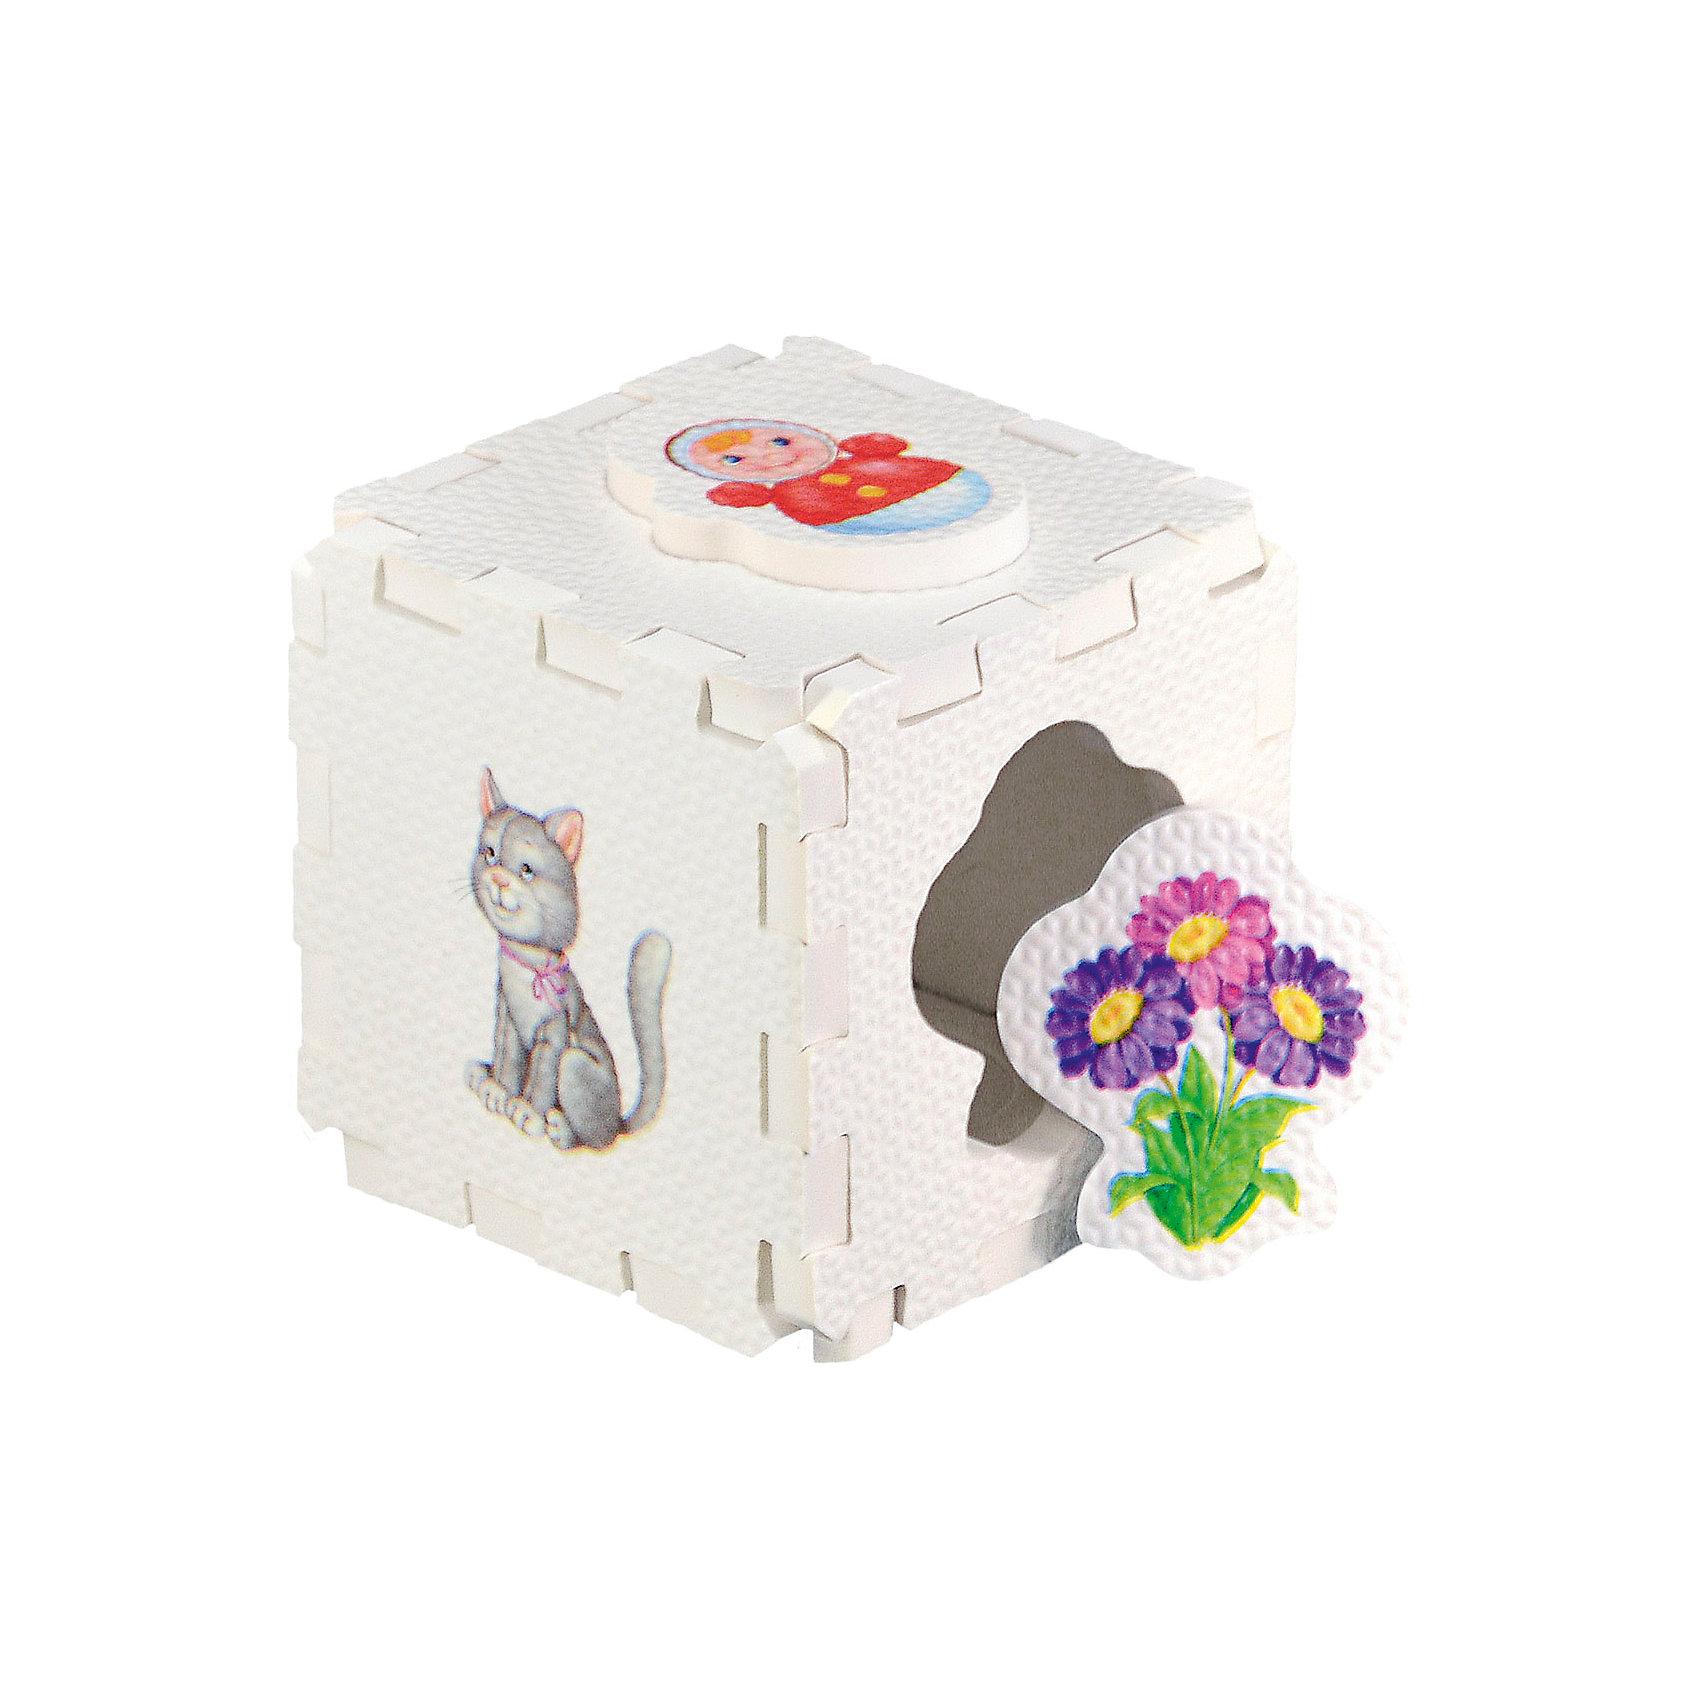 Кубик EVA - сортер Для девочекСортеры<br>Набор состоит из 6 больших деталей-пазлов, которые можно собрать в объёмный кубик. Собирая кубик и играя с его деталями, малыши тренируют мелкую моторику, развивают мышление, память, внимание, а также получают навыки творческого конструирования.<br>Детали-пазлы сделаны из экологически чистого и гипоаллергенного материала ЭВА (EVA), который не имеет цвета, запаха и вкуса, а значит, идеально подходит для первых развивающих игрушек и игр.<br>Особенности пазлов ЭВА открывают дополнительные возможности для различных игровых сюжетов:<br>- детали-пазлы можно грызть, мять, гнуть, сжимать и мочить, и при этом они не испортятся; <br>- с набором можно играть в воде, детали плавают и легко крепятся к кафелю и стенкам ванны; <br>- уникальная технология печати картинок на пазлах передаёт все оттенки цветов, и дети быстрее учатся узнавать нарисованные на них предметы в окружающем мире; <br>- набор идеально подходит для развития детской моторики, сенсорики, навыков конструирования; <br>- детали-пазлы из разных наборов подходят к друг другу, вы легко можете комбинировать разные наборы.<br><br>Дополнительная информация:<br><br>- Материал: ЭВА.<br>- Размер: 25,5х24 см. <br>- Толщина детали-пазла: 3 см. <br>- Комплектация: 6 деталей.<br>- Детали-пазлы подходят к другим наборам. <br>- Используются стойкие гипоаллергенный красители.<br>- Подходит для игр в воде. <br><br>Кубик EVA - сортер Для девочек можно купить в нашем магазине.<br><br>Ширина мм: 255<br>Глубина мм: 240<br>Высота мм: 10<br>Вес г: 72<br>Возраст от месяцев: 6<br>Возраст до месяцев: 36<br>Пол: Женский<br>Возраст: Детский<br>SKU: 4545582